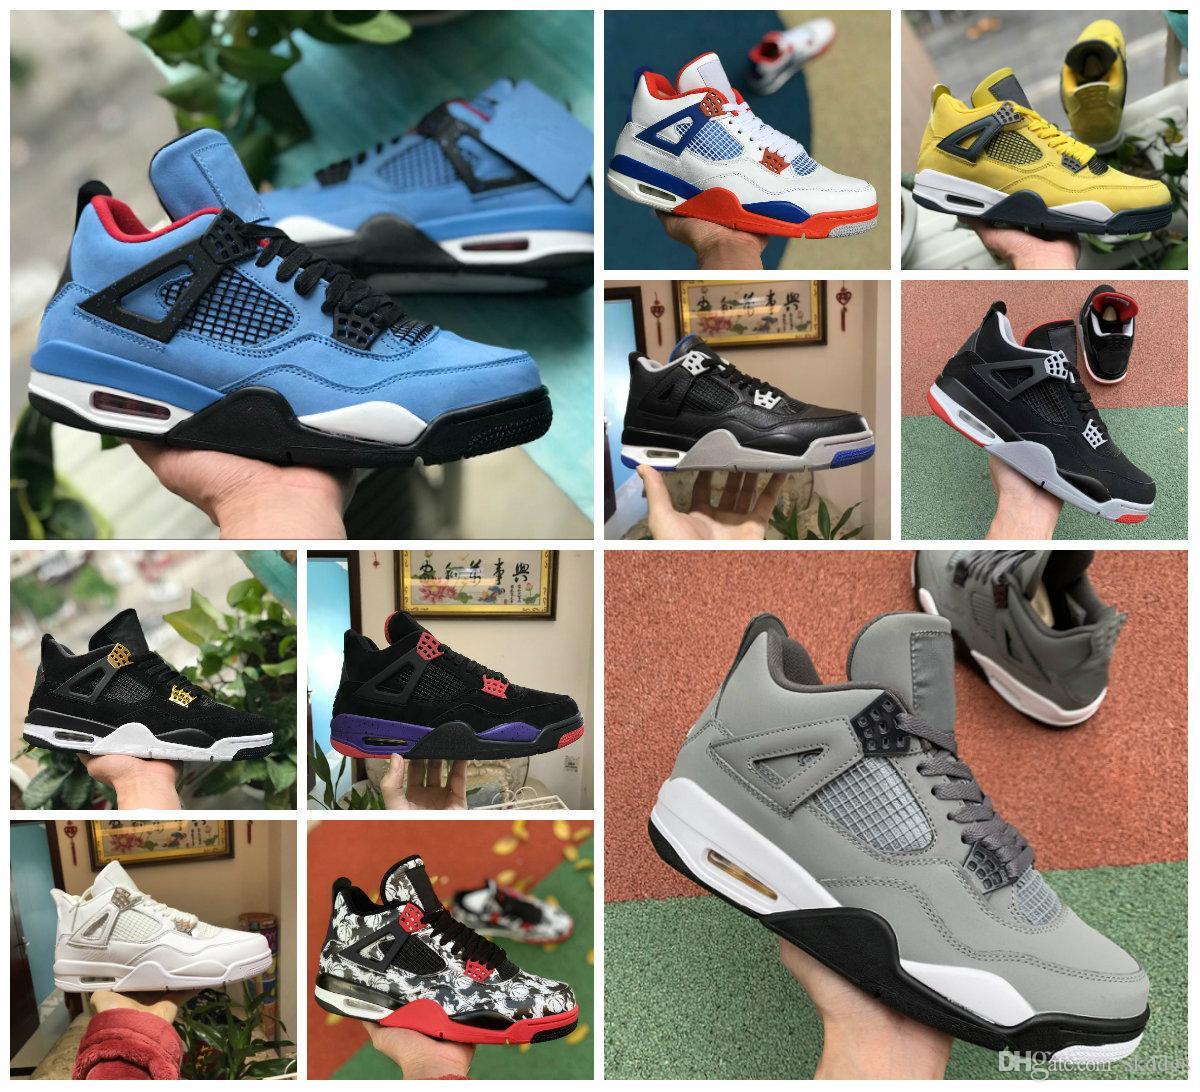 Al por mayor de 2020 4s pura dinero Motorsport Negro infrarrojos NRG Zapatos Raptors baloncesto blanco negro de cemento pintada para hombre Cactus 4 Bred las zapatillas de deporte